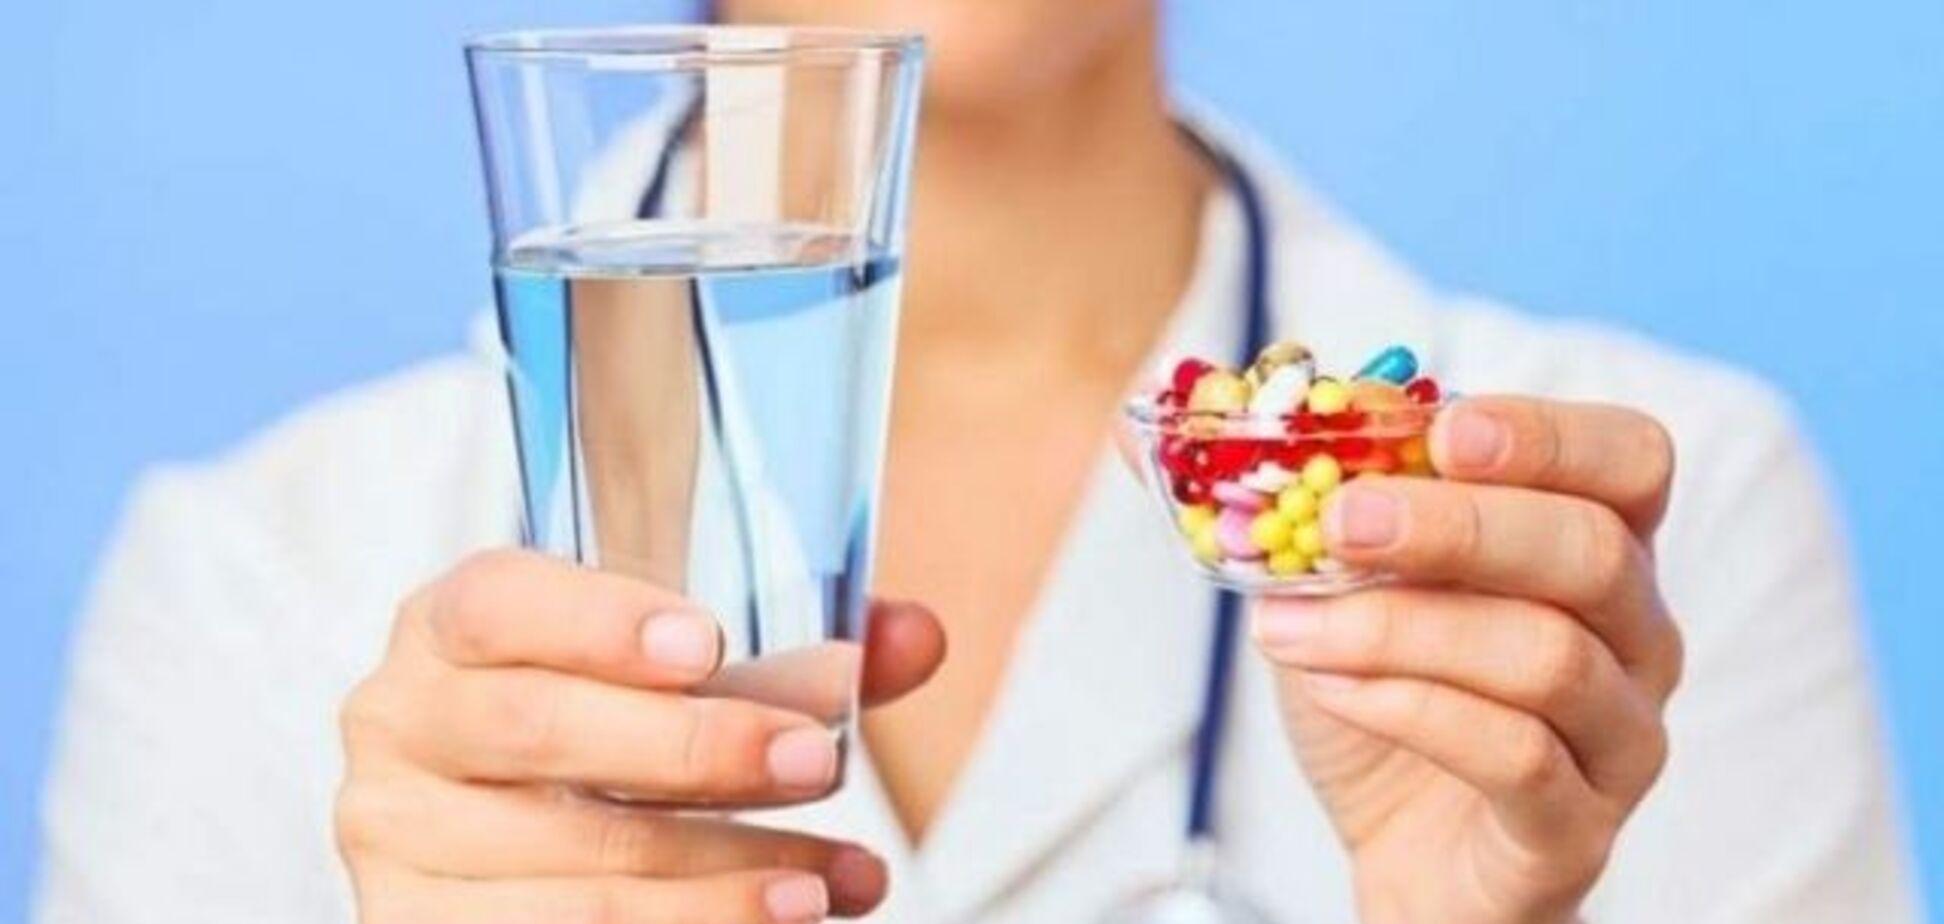 Спричинюють інсульт та інфаркт: лікарка розповіла про небезпеку популярних препаратів